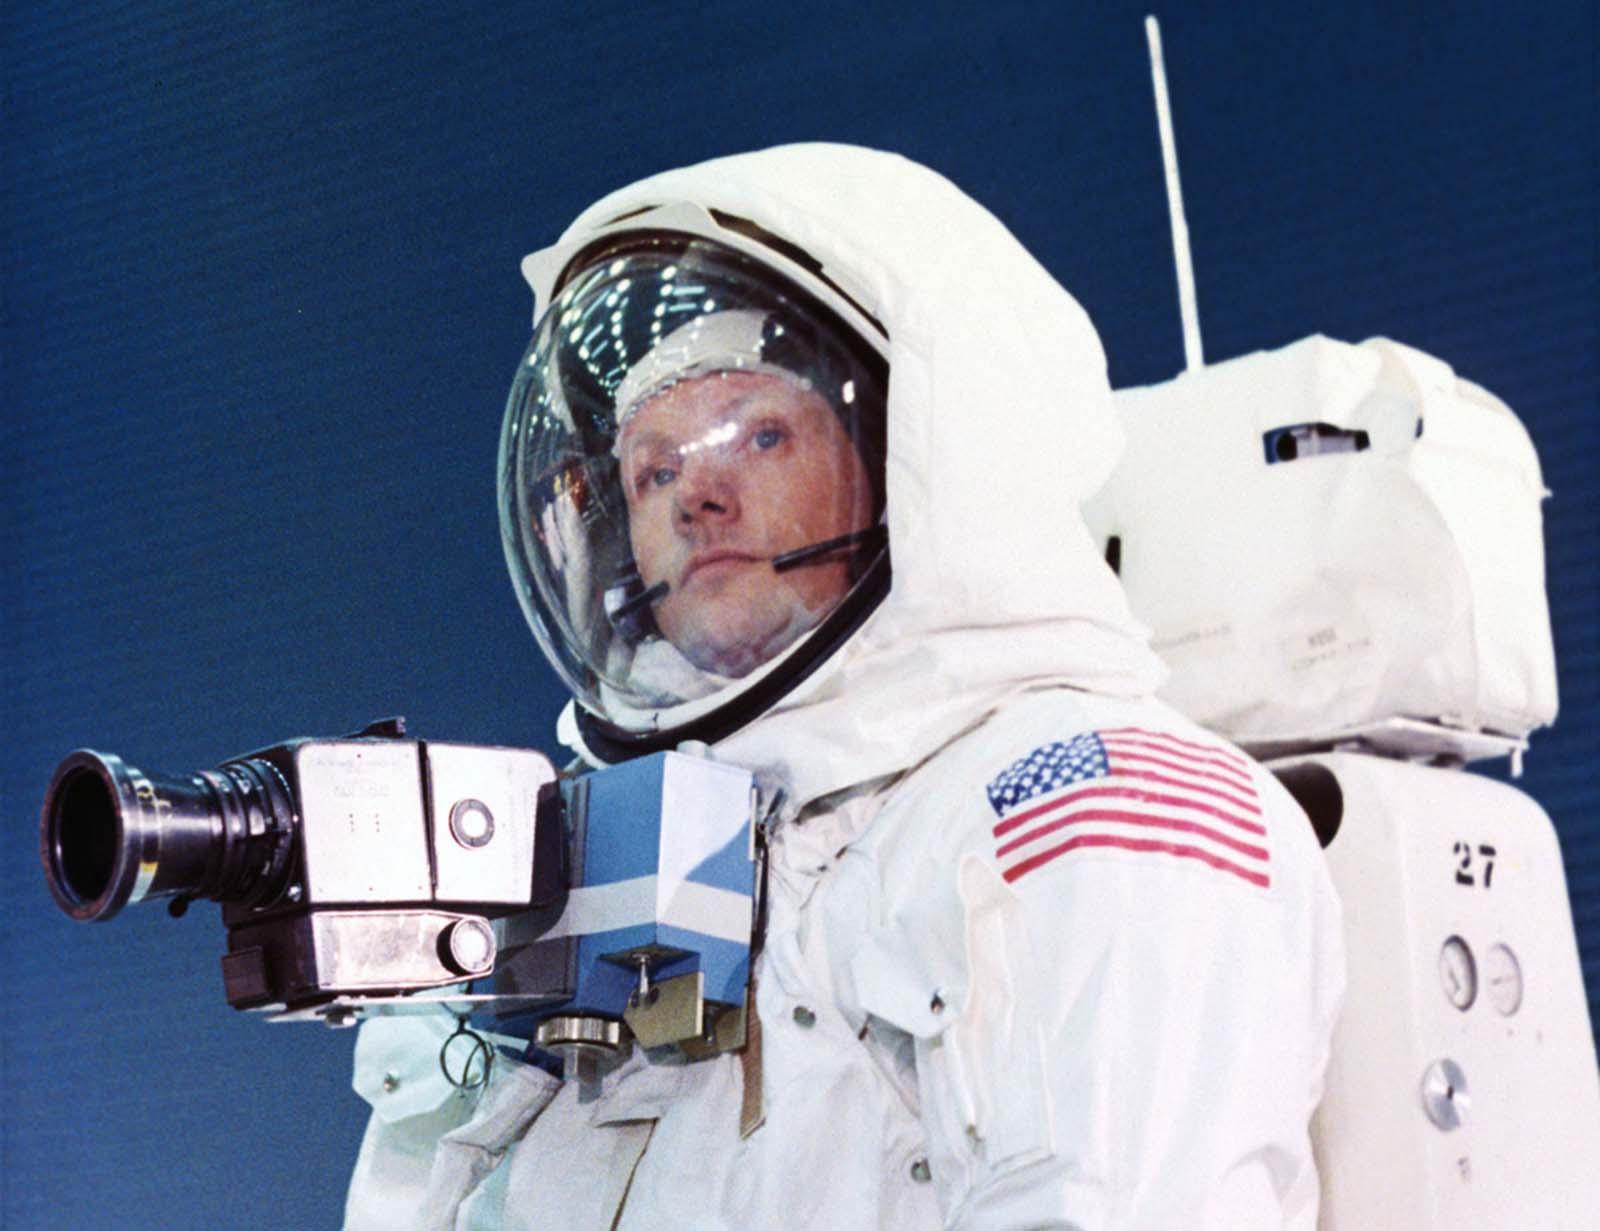 Apollo 11 preparation%2B%252816%2529 - Fotos raras da preparação de Neil Armstrong antes de ir a Lua